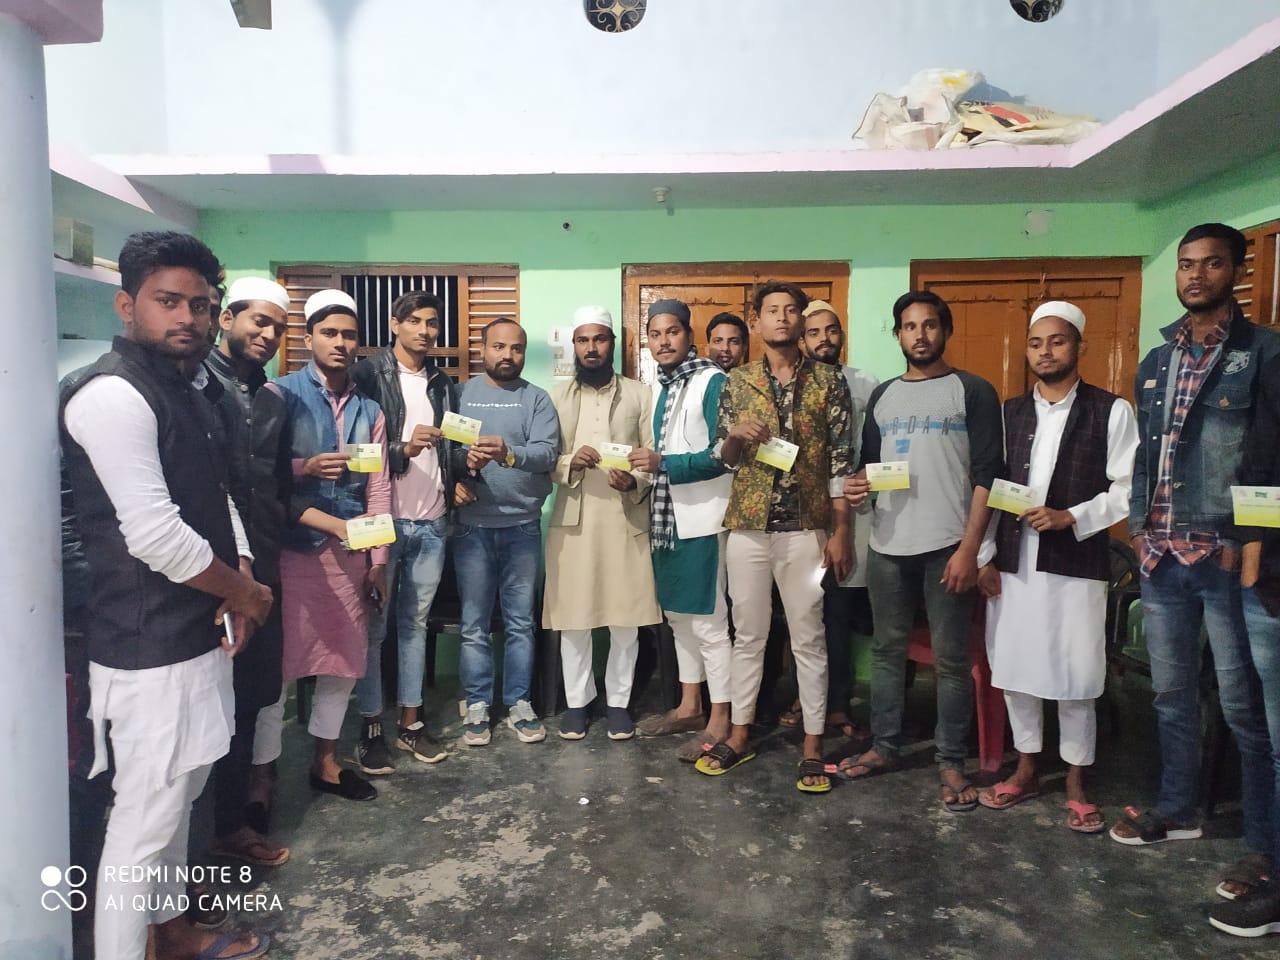 ऑल इंडिया मजलिस इत्तेहादुल मुस्लिमीन की बैठक संपन्न